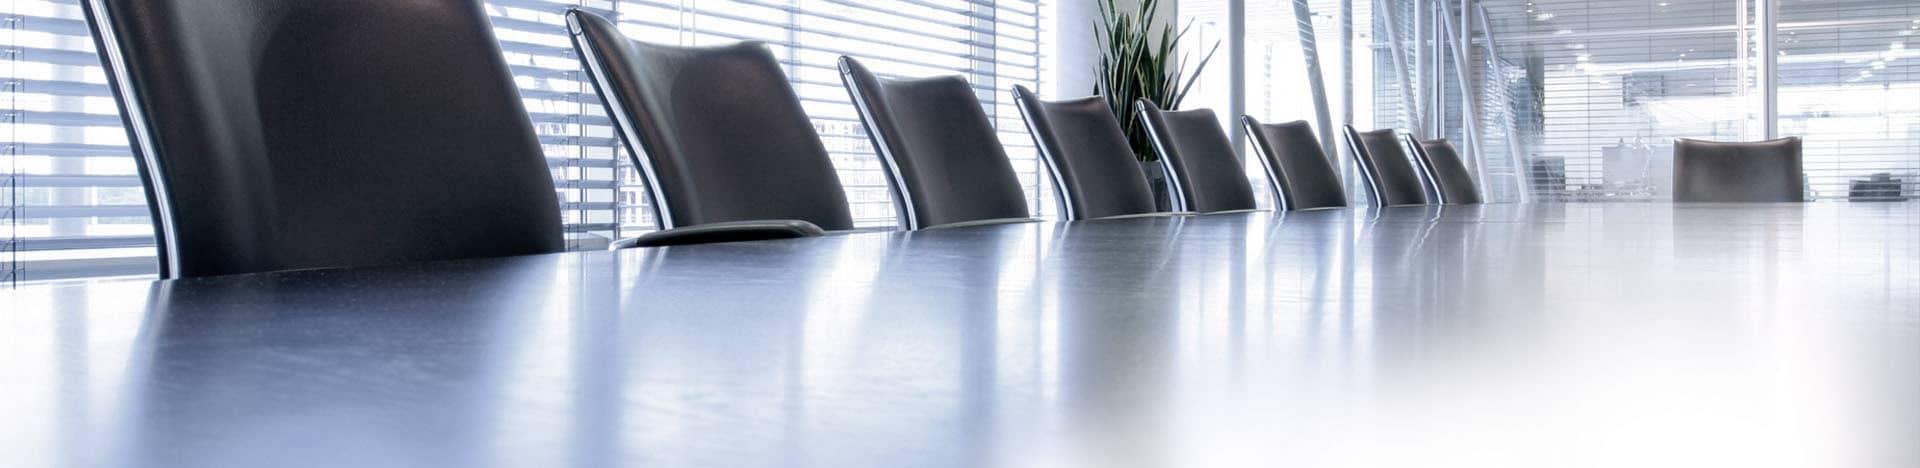 Firma de curatenie cu servicii curatenie adresate firmelor din Bucuresti